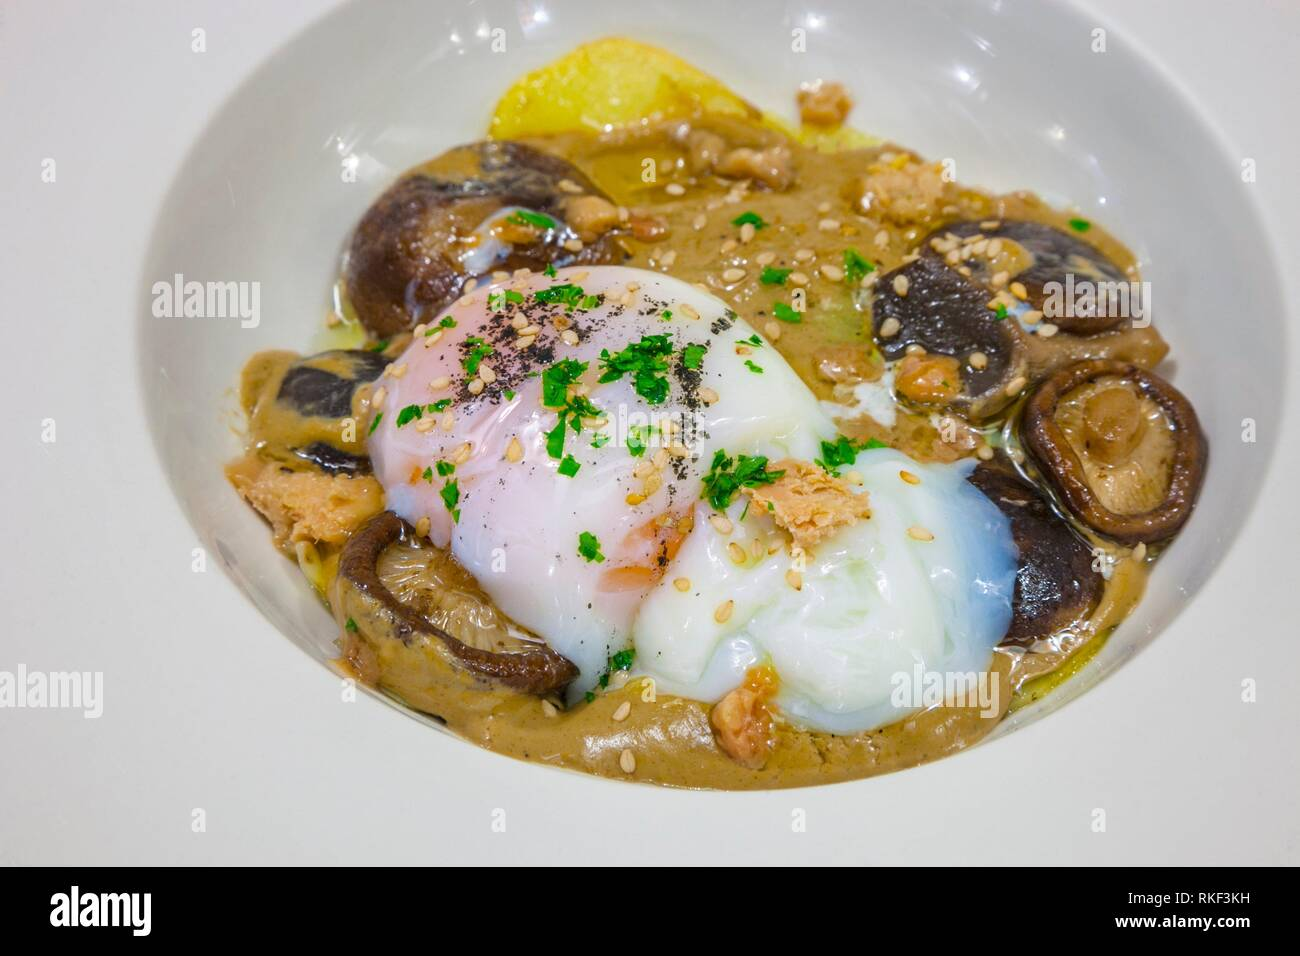 Huevo, béchamel Truffled de setas y foie tostadas. La Garrocha Restaurante, Valladolid, Castilla y León, España Foto de stock